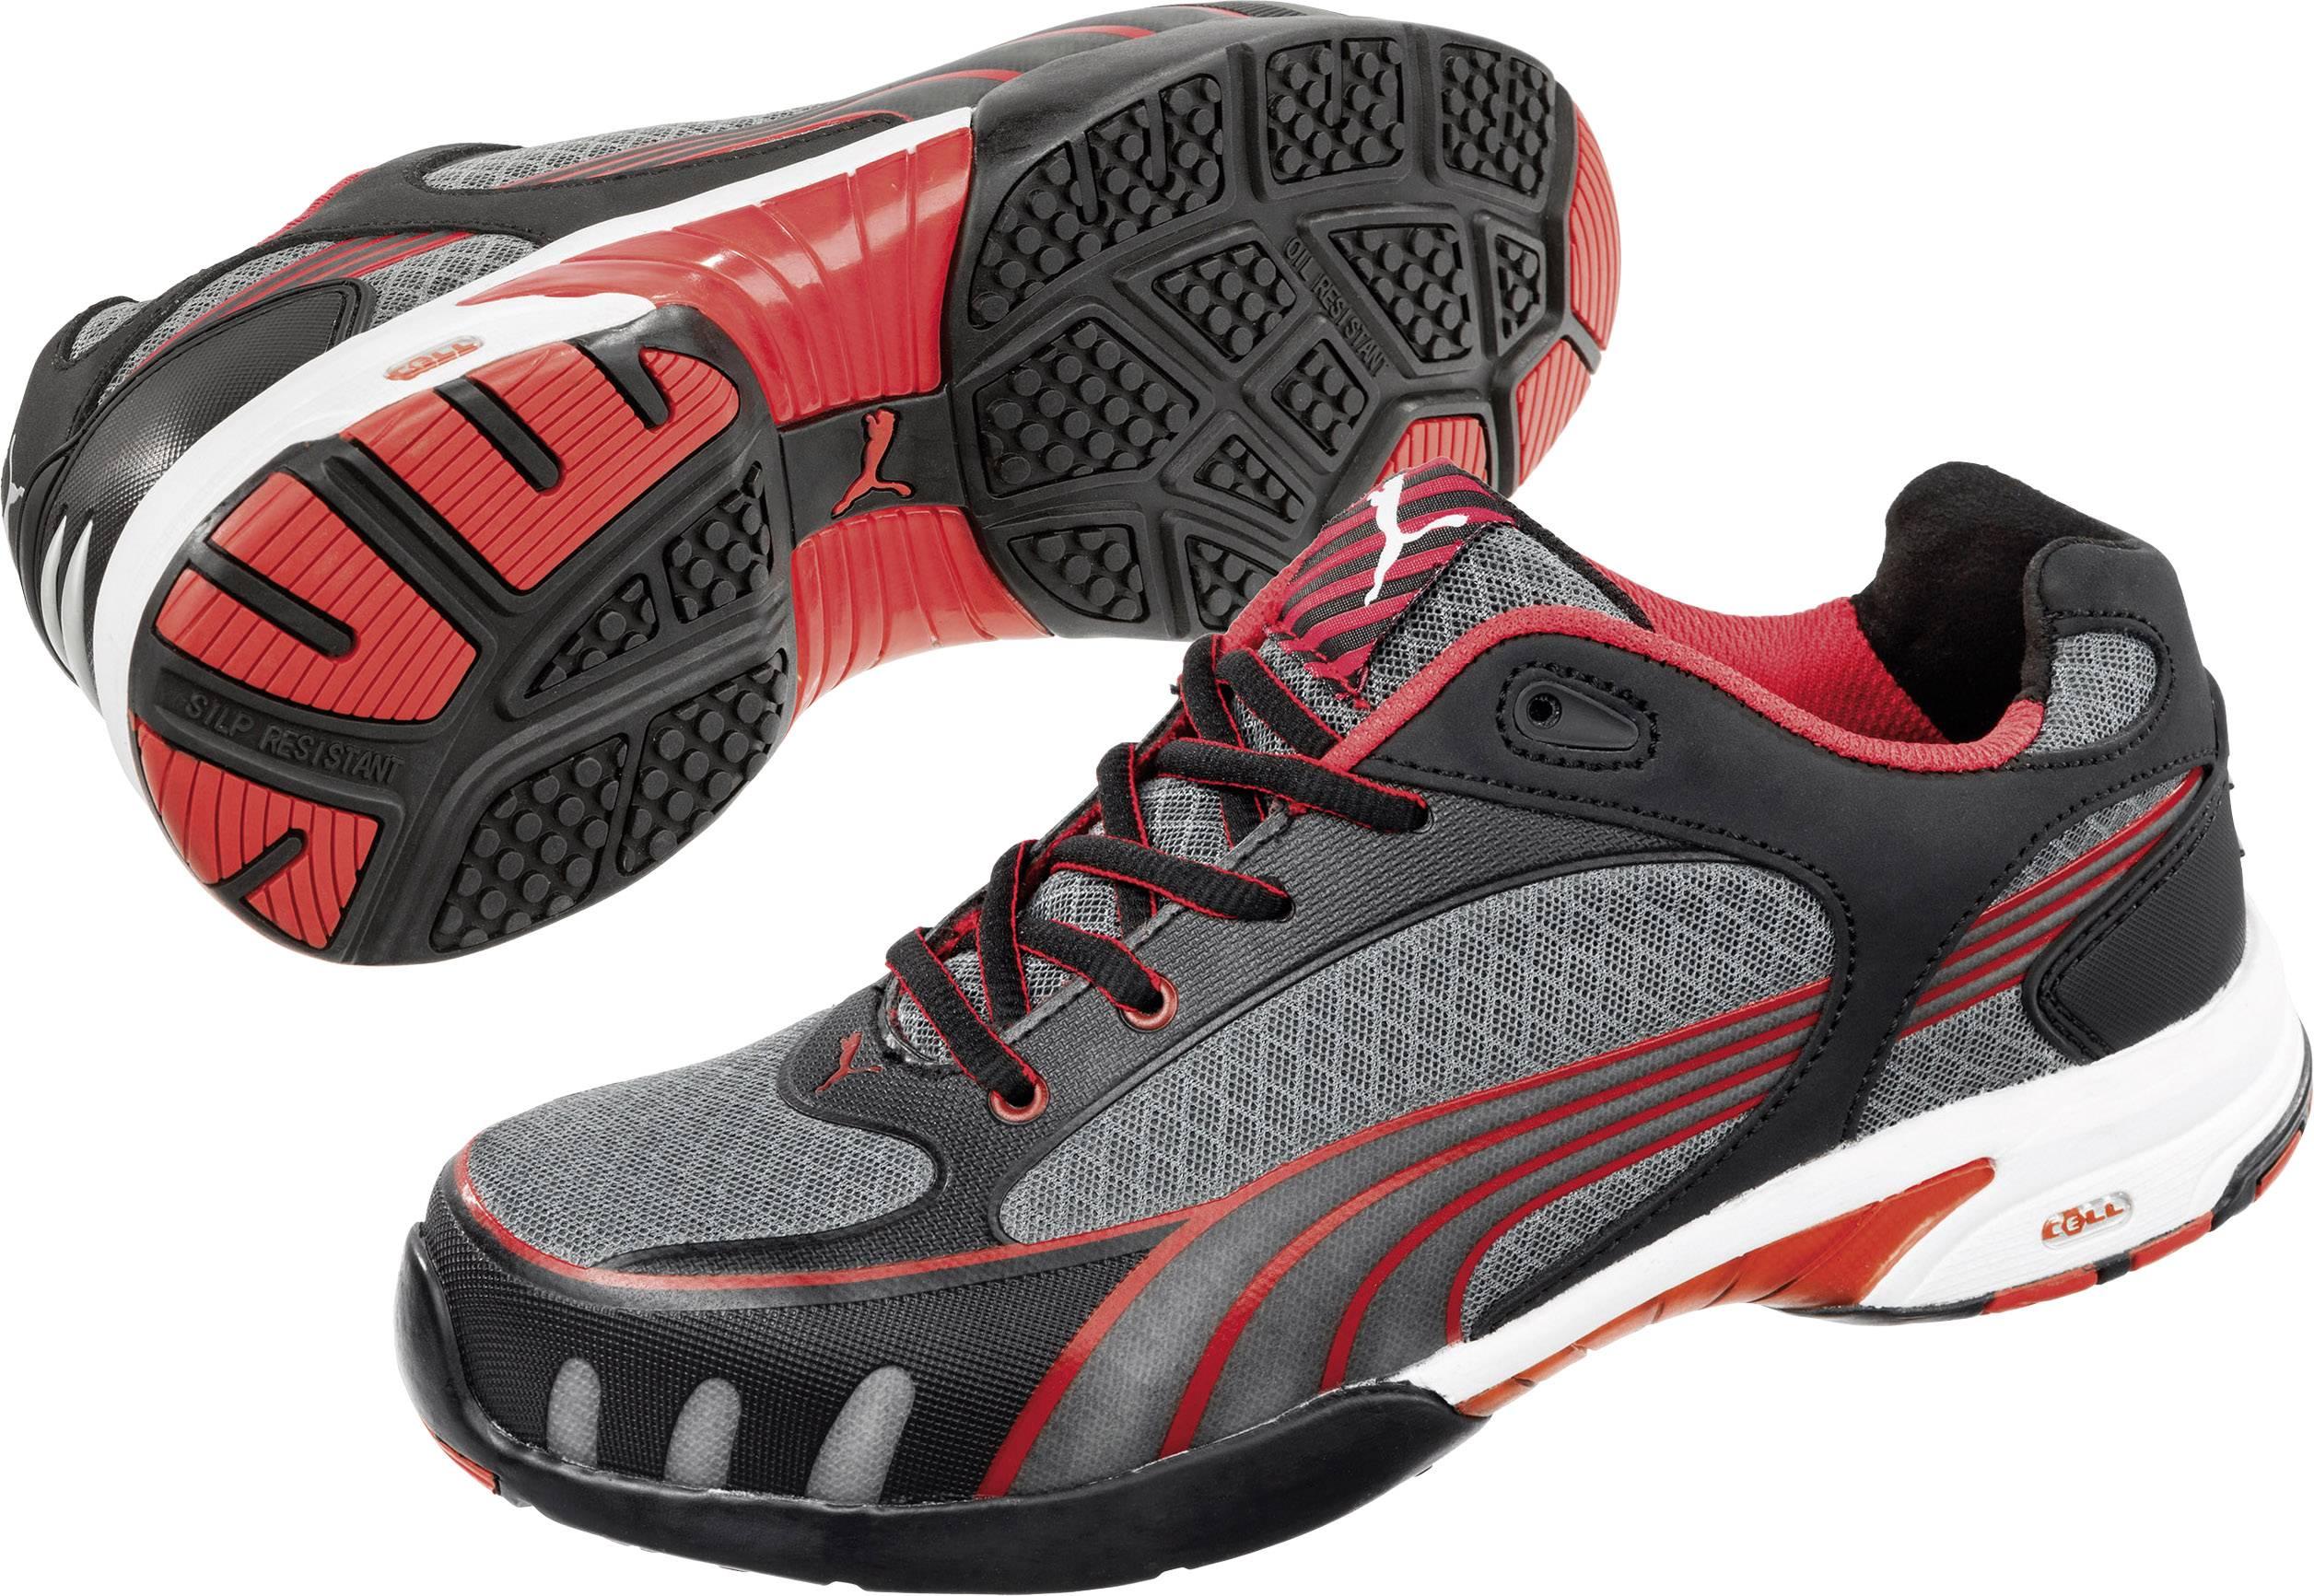 Chaussures de sécurité S1 PUMA Safety Fuse Motion Red Wns Low 642870 Taille: 41 noir, rouge 1 paire(s)